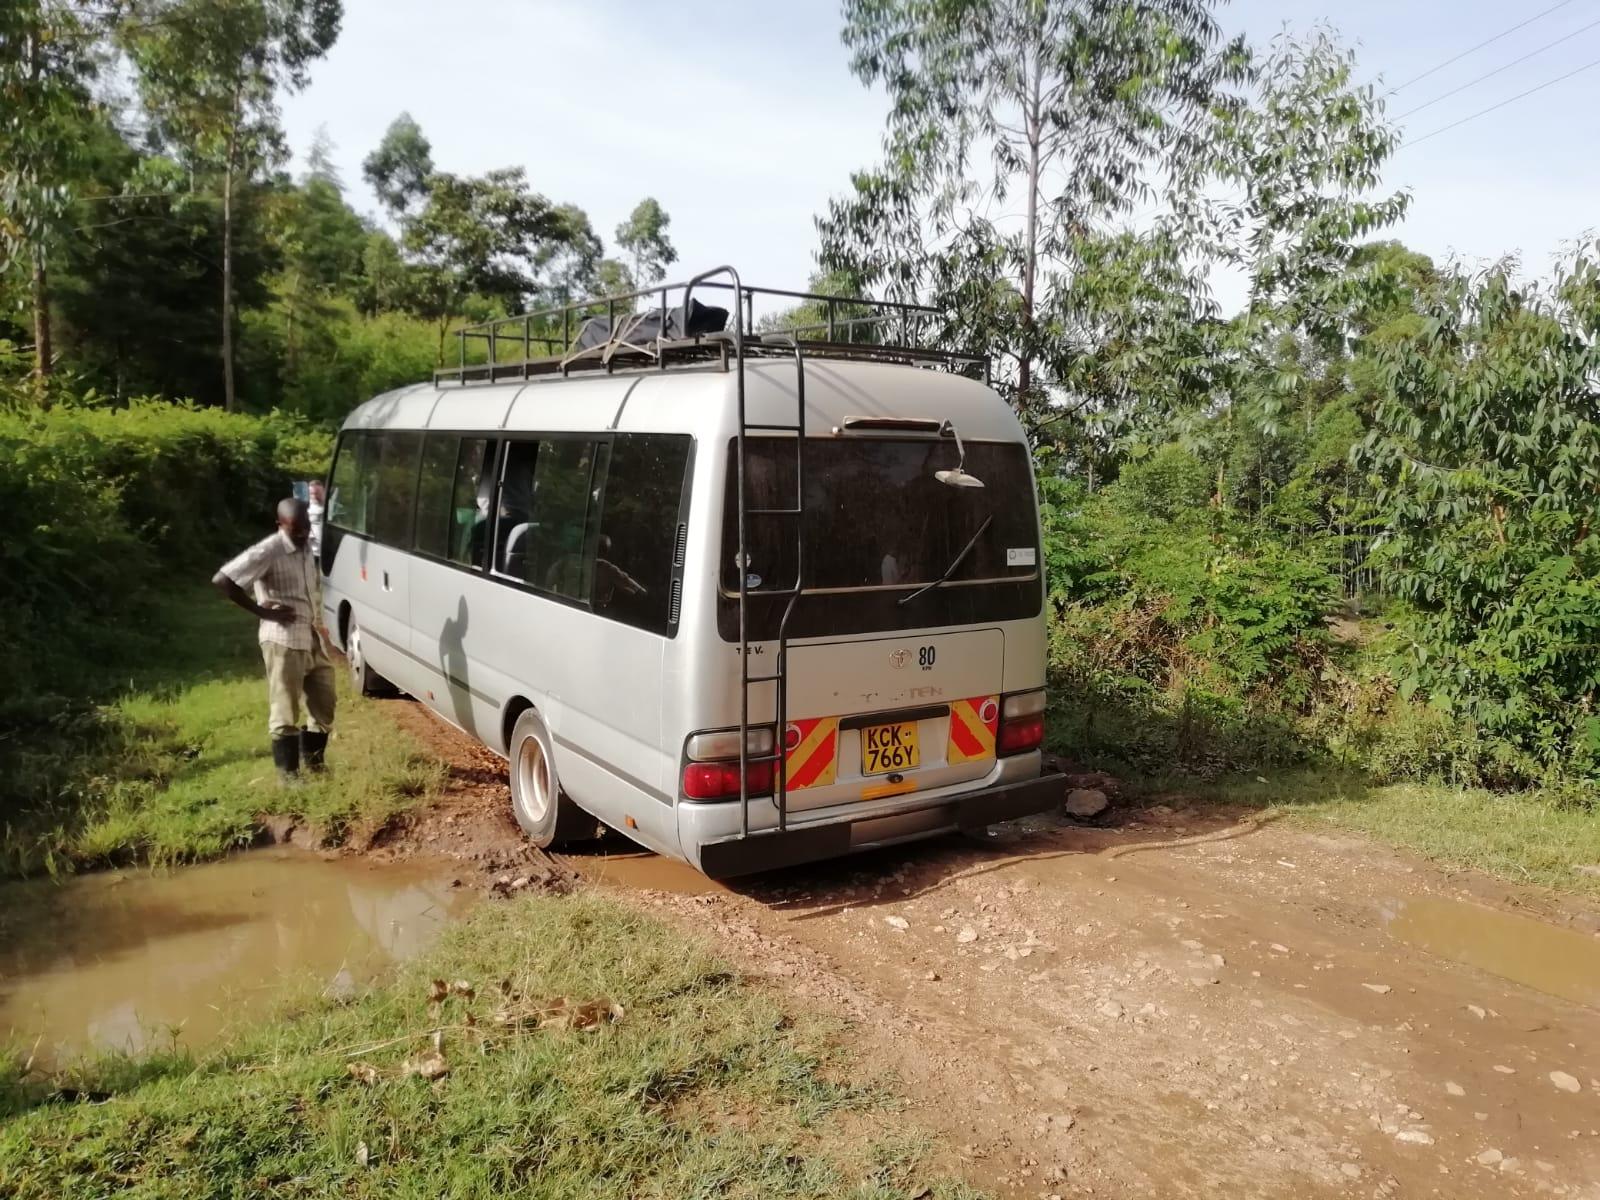 Kenia West 2020